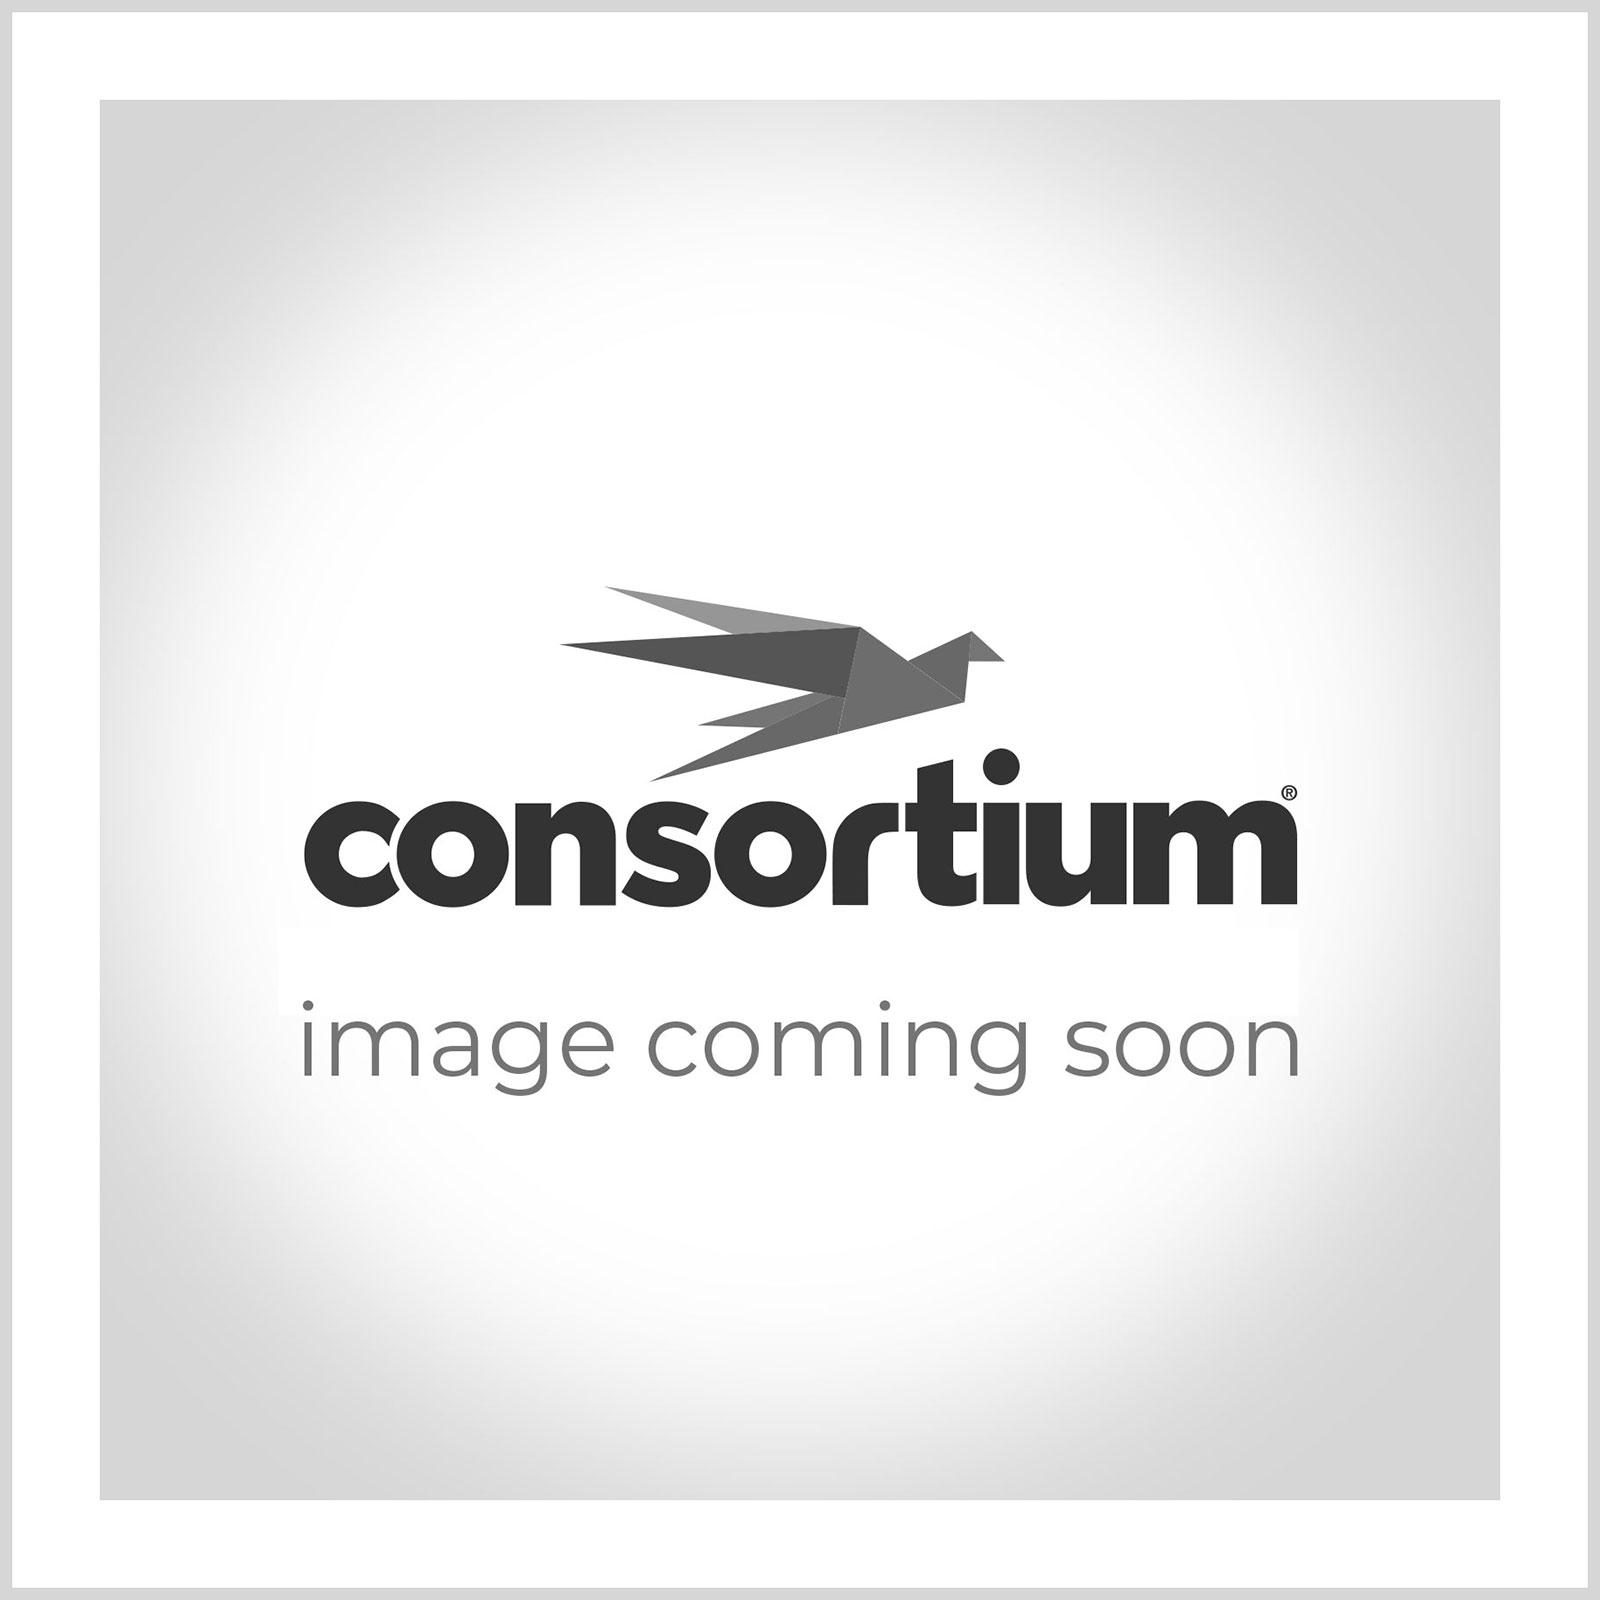 Tray Storage - 2 Columns